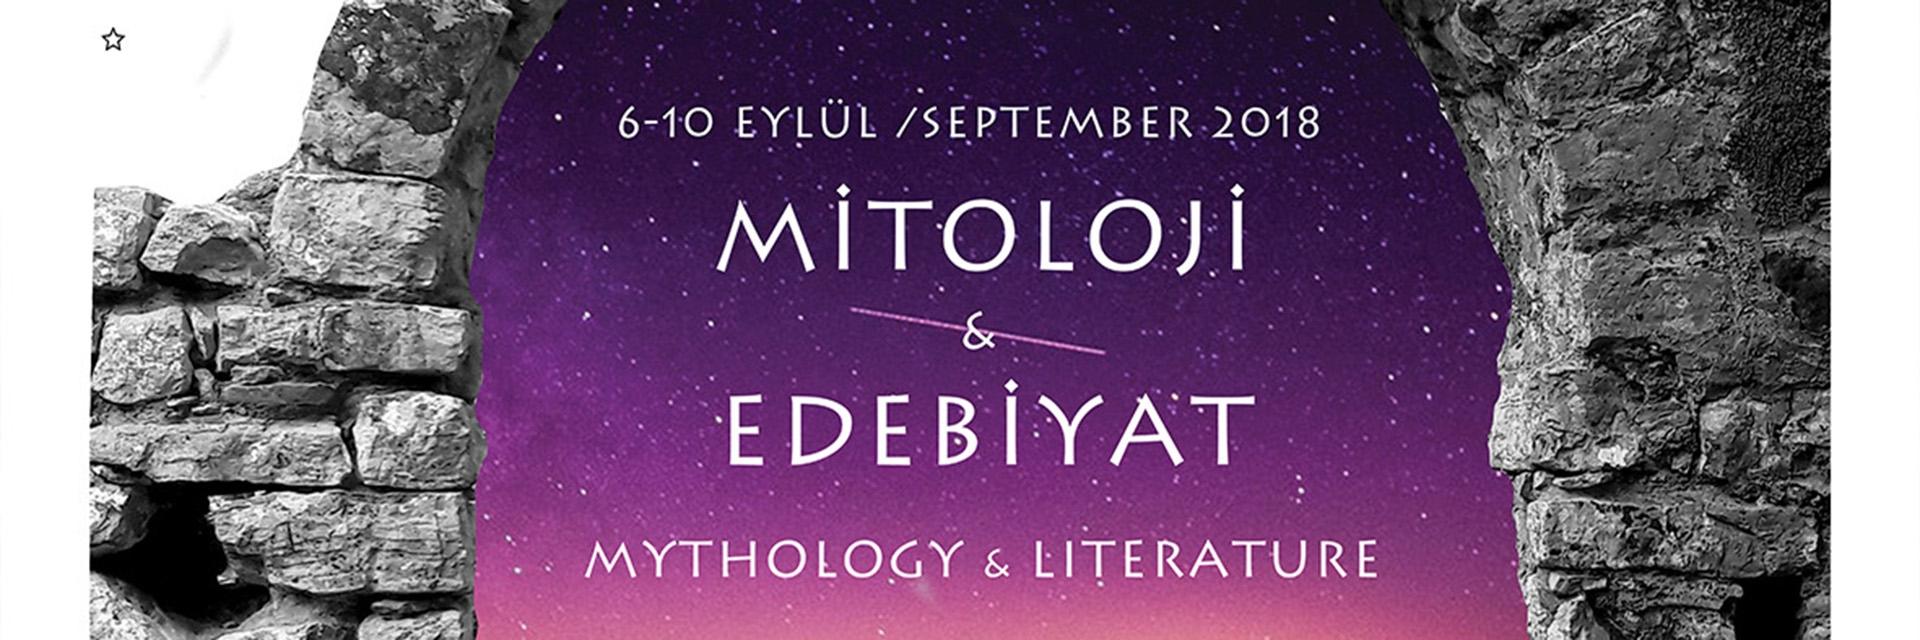 Olympos Antik Kenti edebiyatçıları buluşturdu